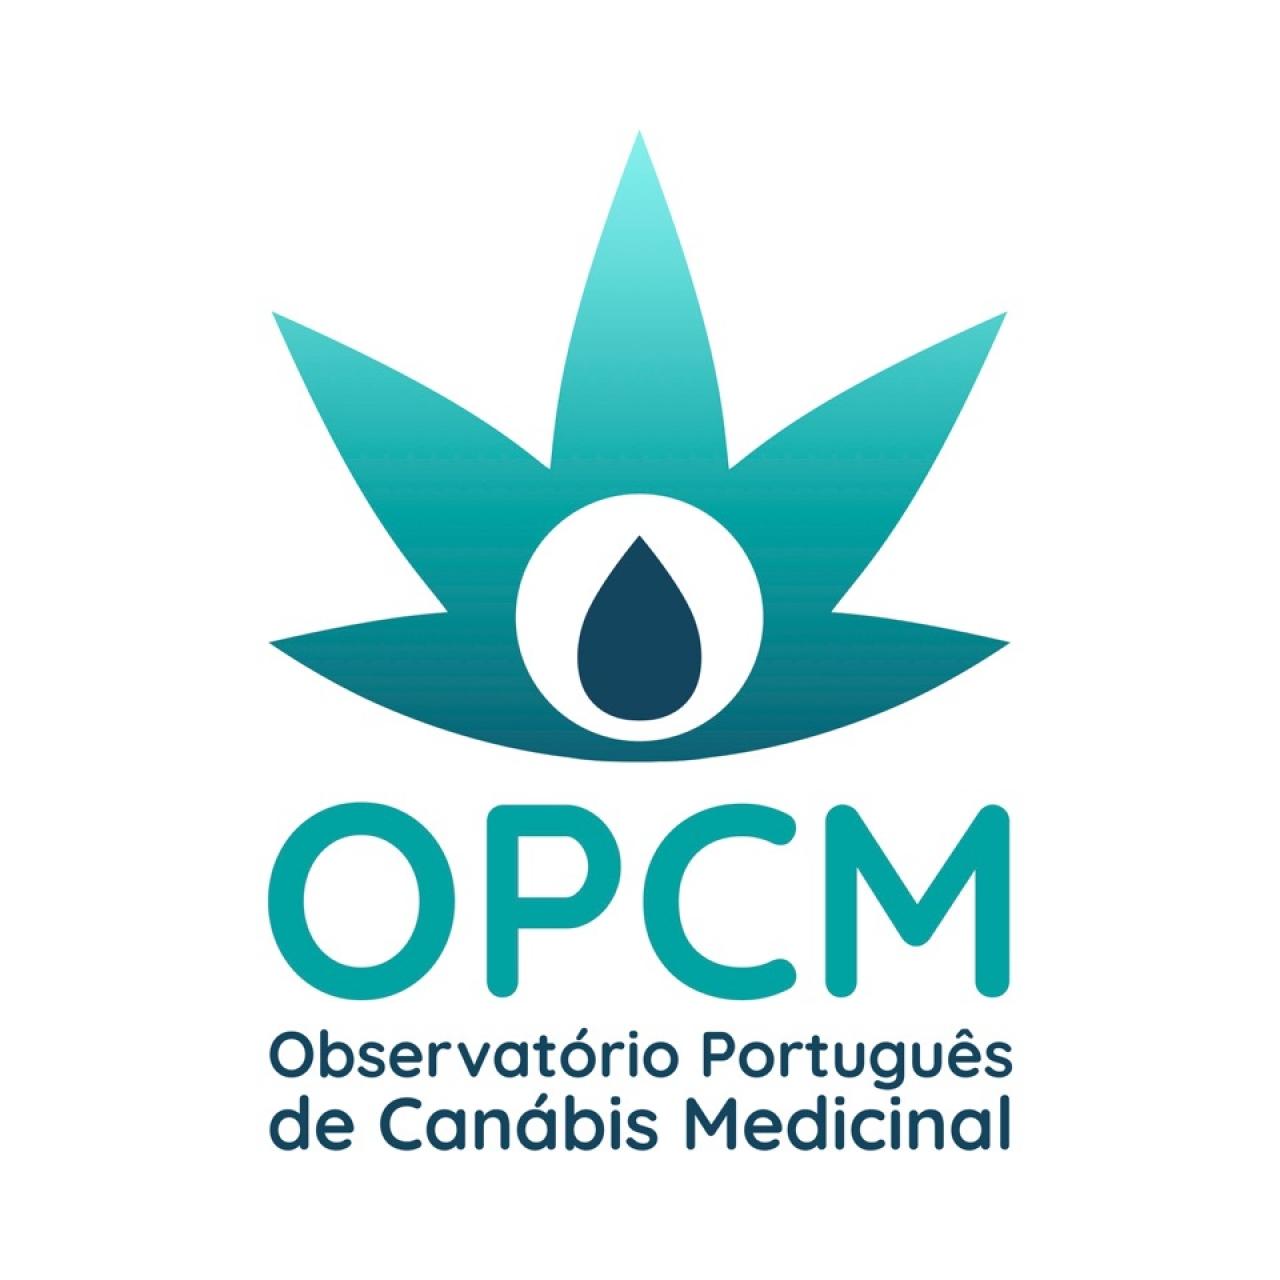 Observatório Português de Canábis Medicinal